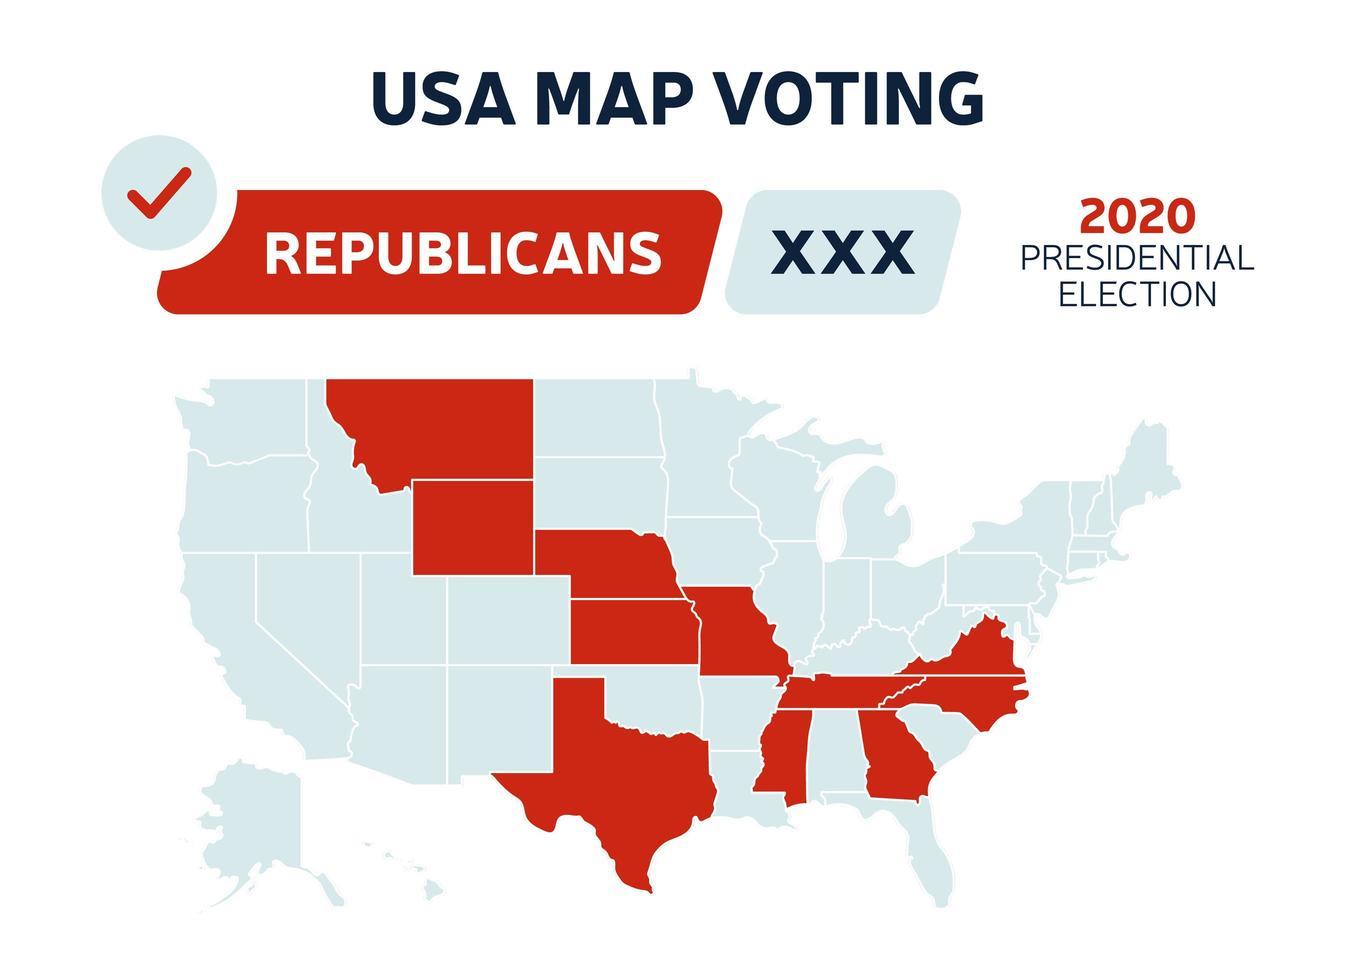 mappa dei risultati delle elezioni presidenziali repubblicane degli Stati Uniti. voto mappa USA. elezioni presidenziali mappa ogni stato voti elettorali americani che mostrano repubblicani o democratici vettore politico infografica